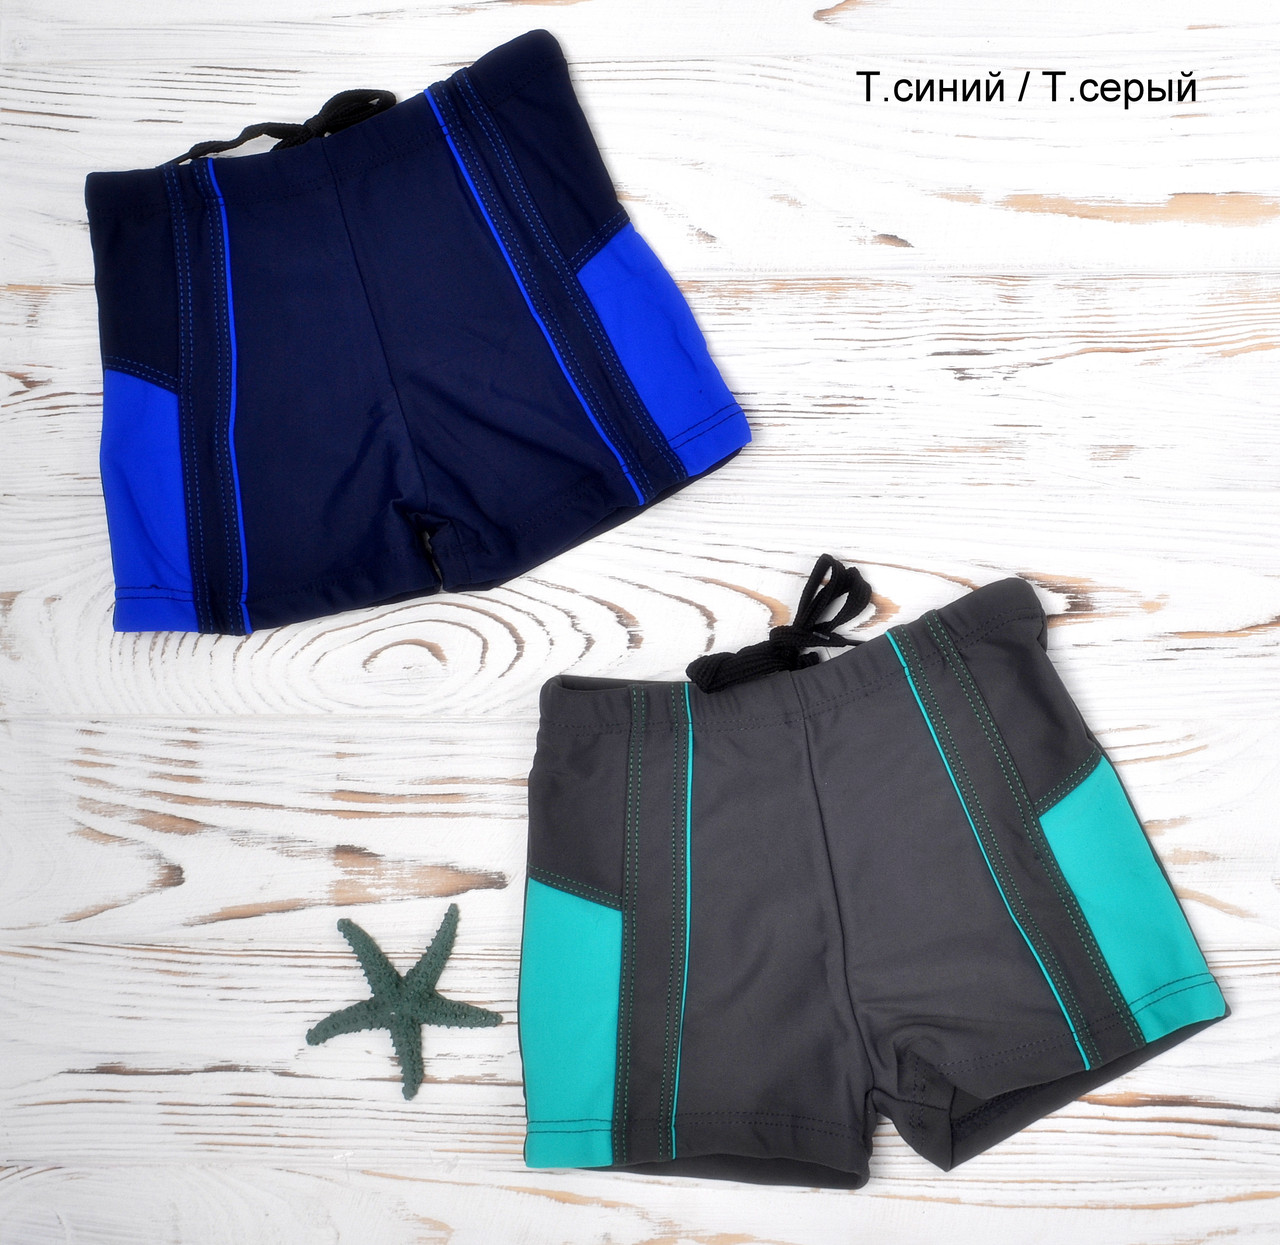 №337 Плавки-шорты Спорт. 1-5 лет. р.24,электрик